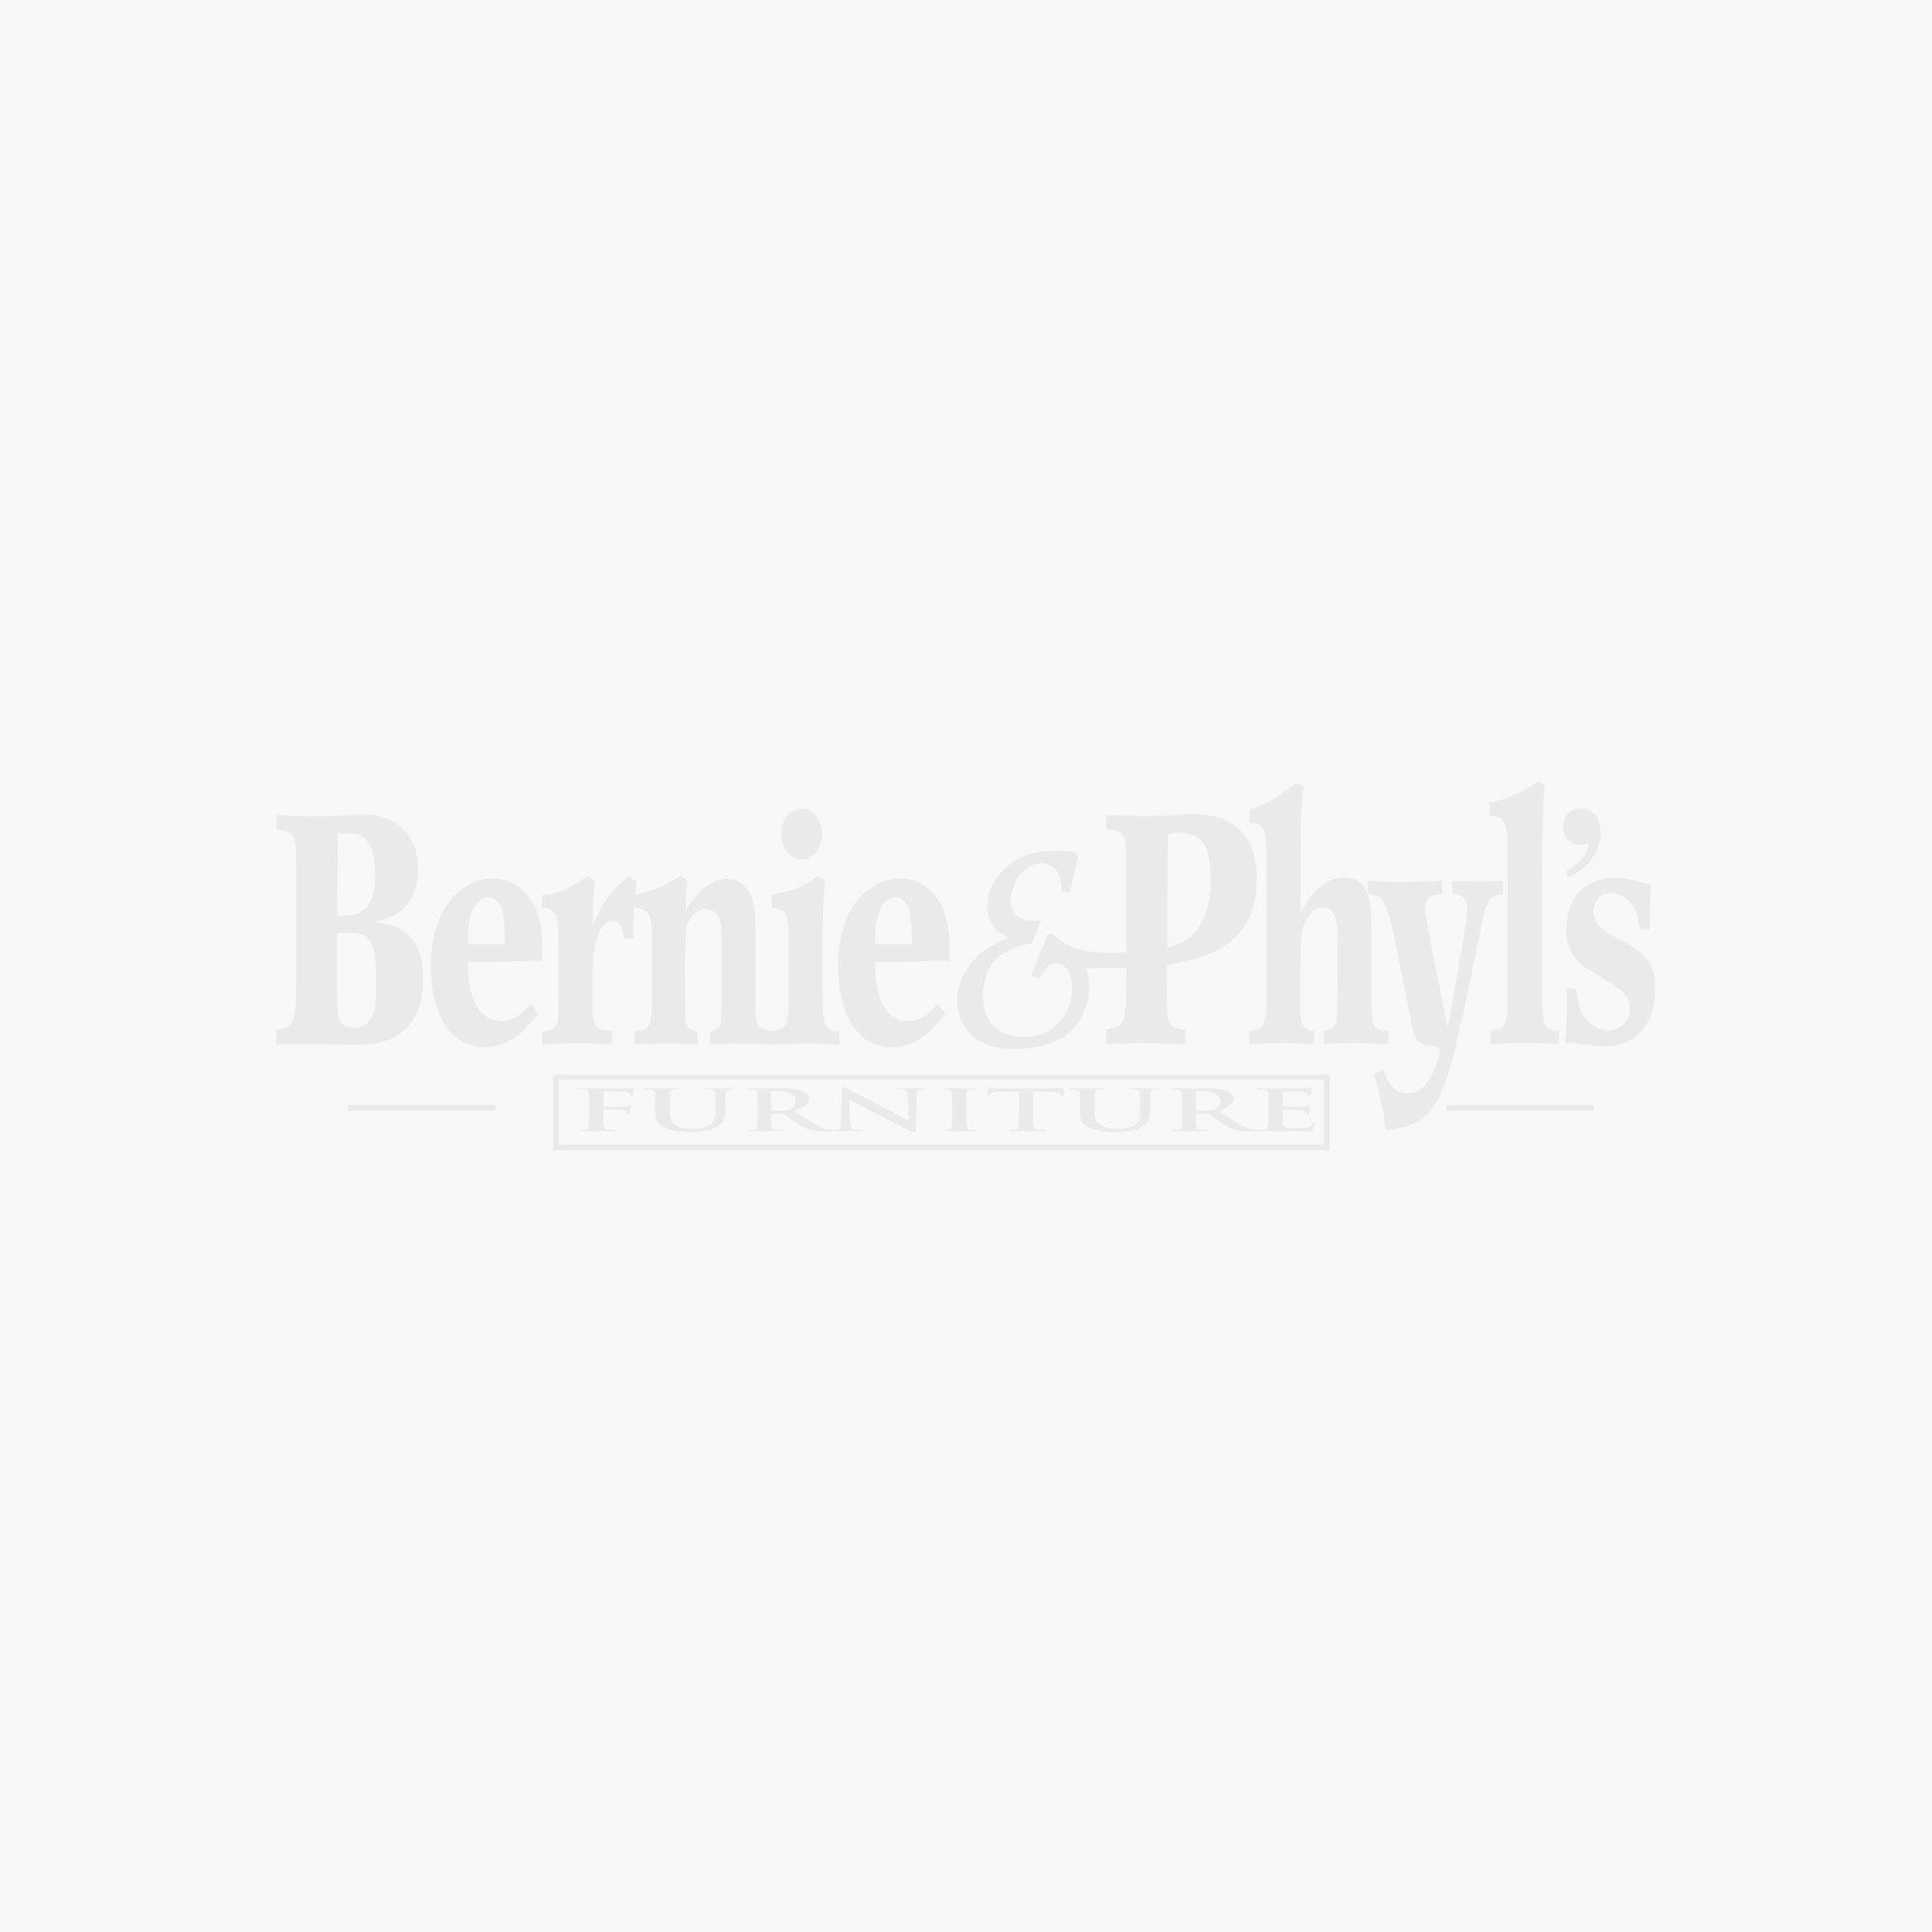 Serta IComfort Blue 300 Firm Queen Mattress - Bernie ...